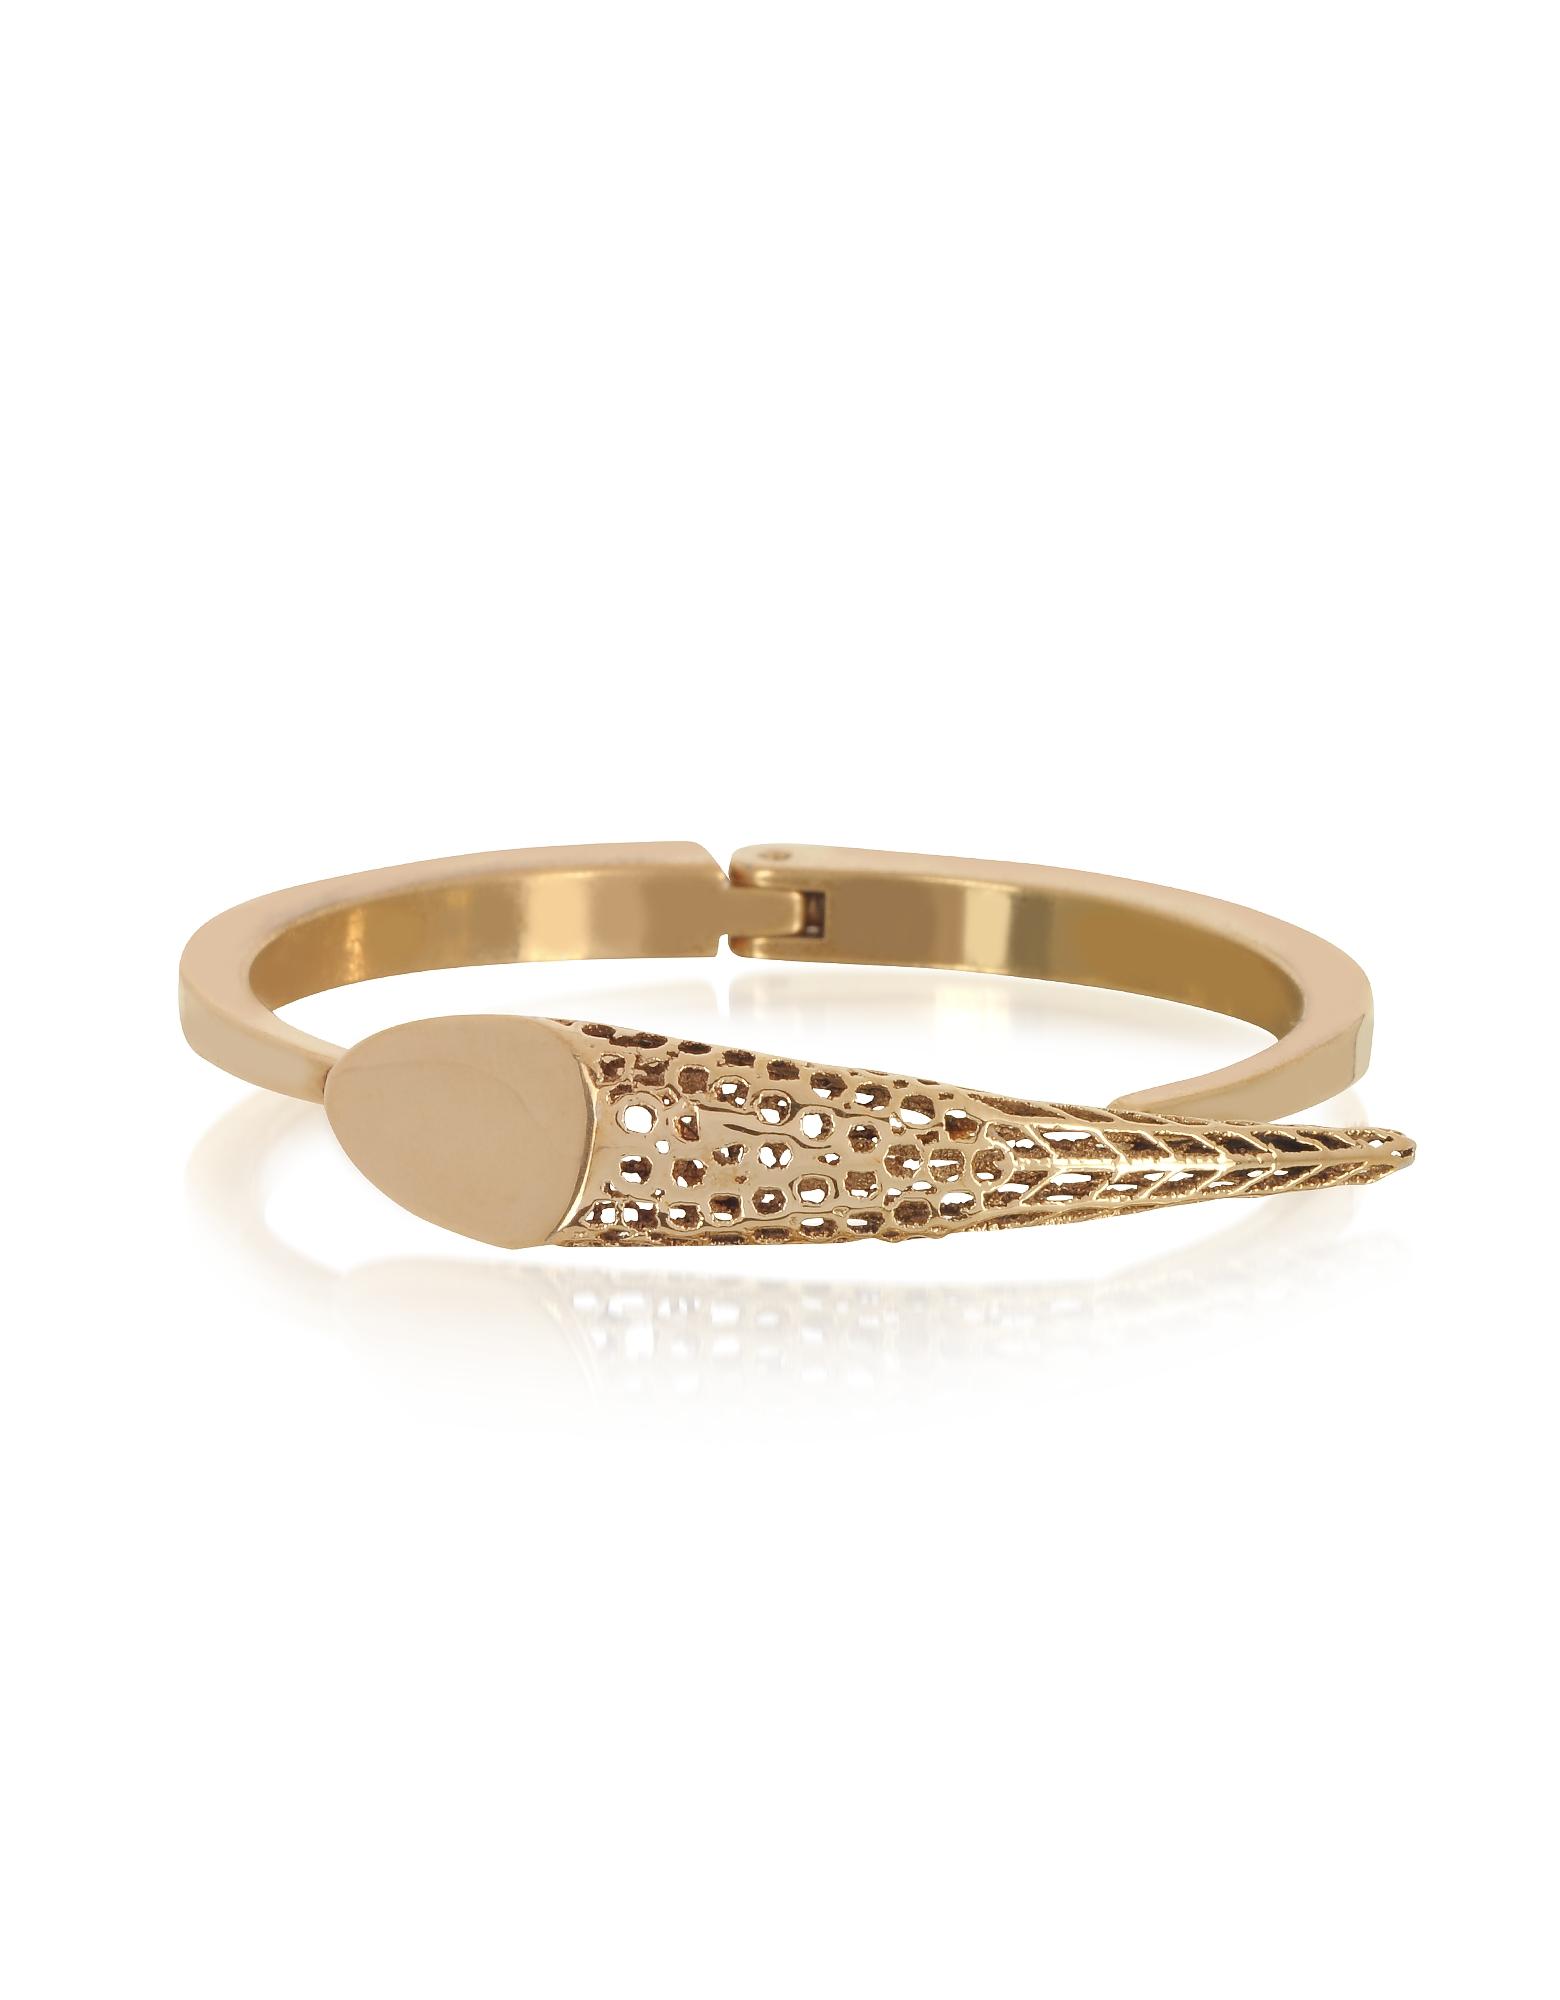 Maissa Bracelets, Super Wild Bracelet